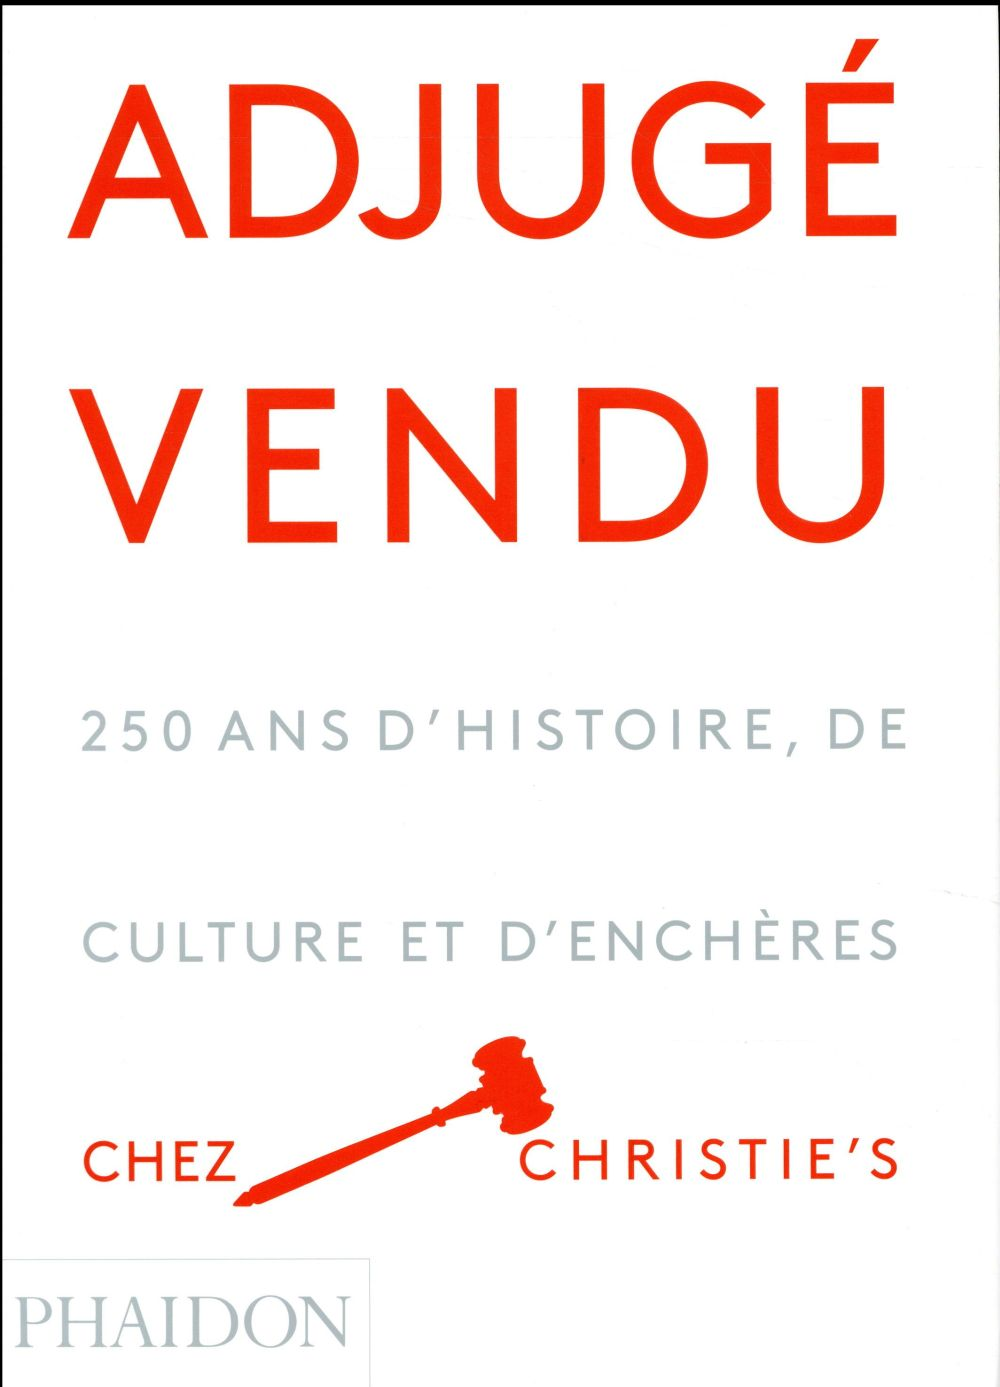 Adjugé vendu ! 250 ans d'histoire, de culture et d'enchères chez Christie's